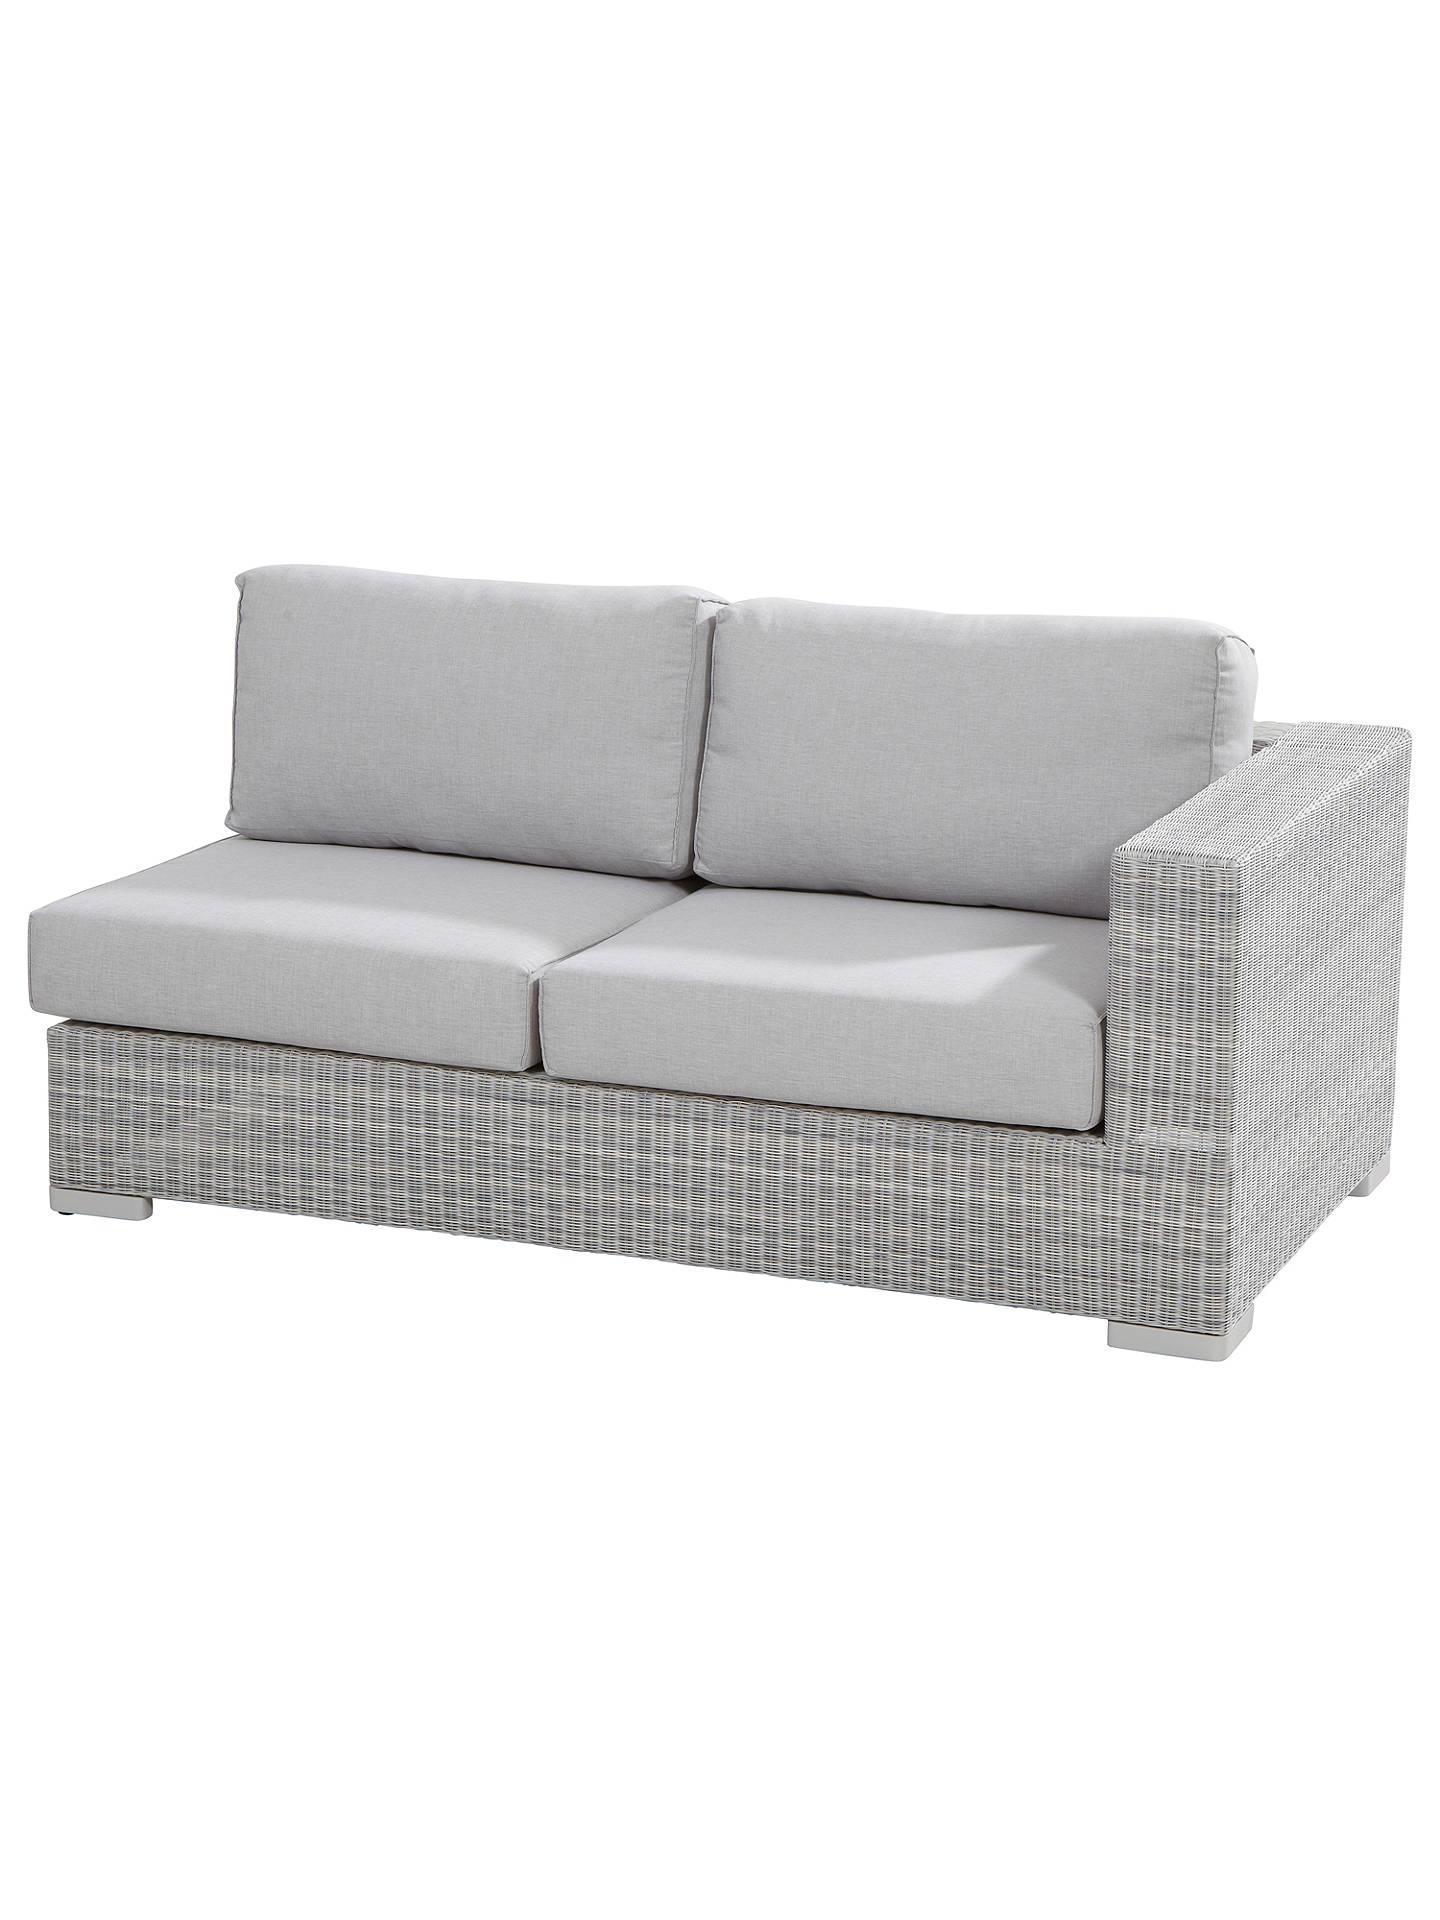 Cuba Loungeset Light Grey.4 Seasons Outdoor Lucca 6 Seater Modular Lounge Set Light Grey At